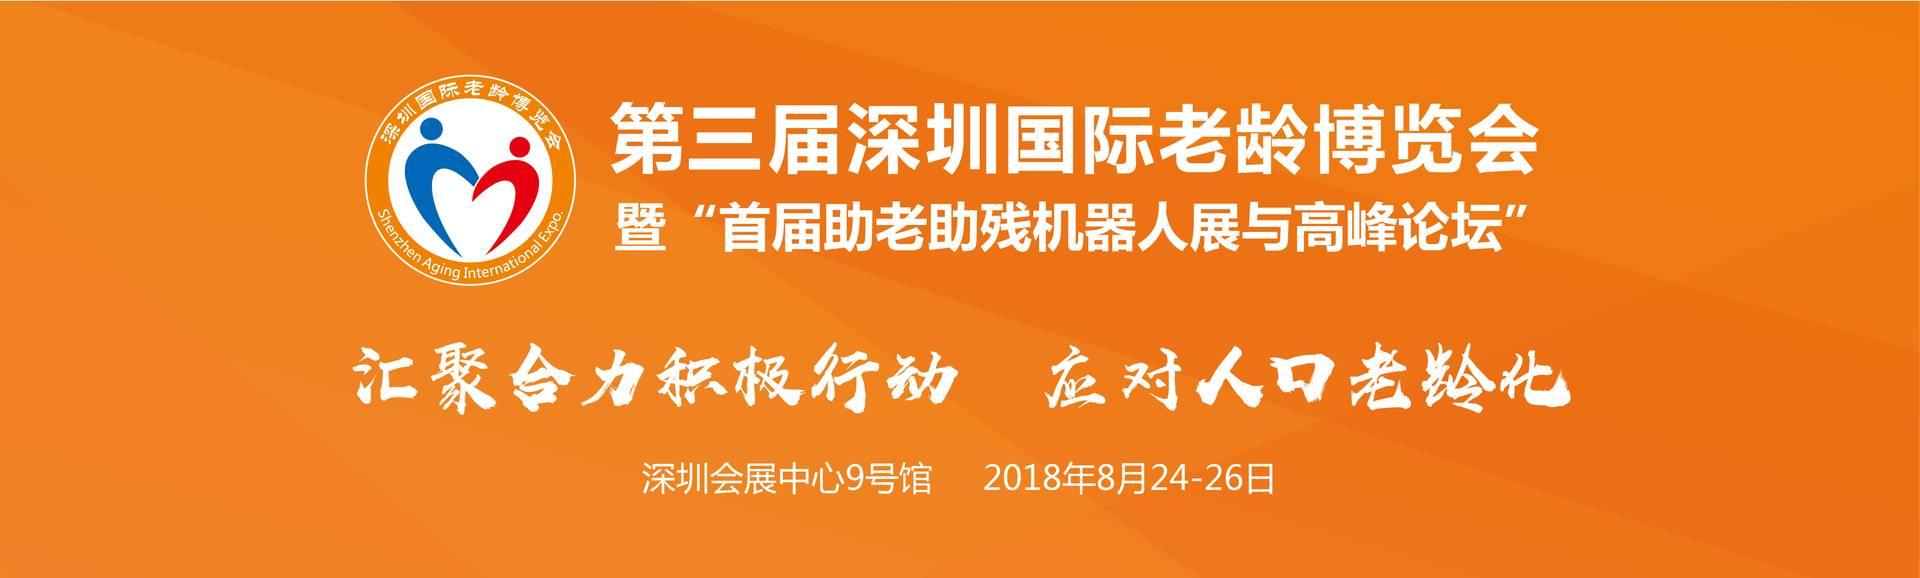 第三届中国(深圳)国际老龄博览会